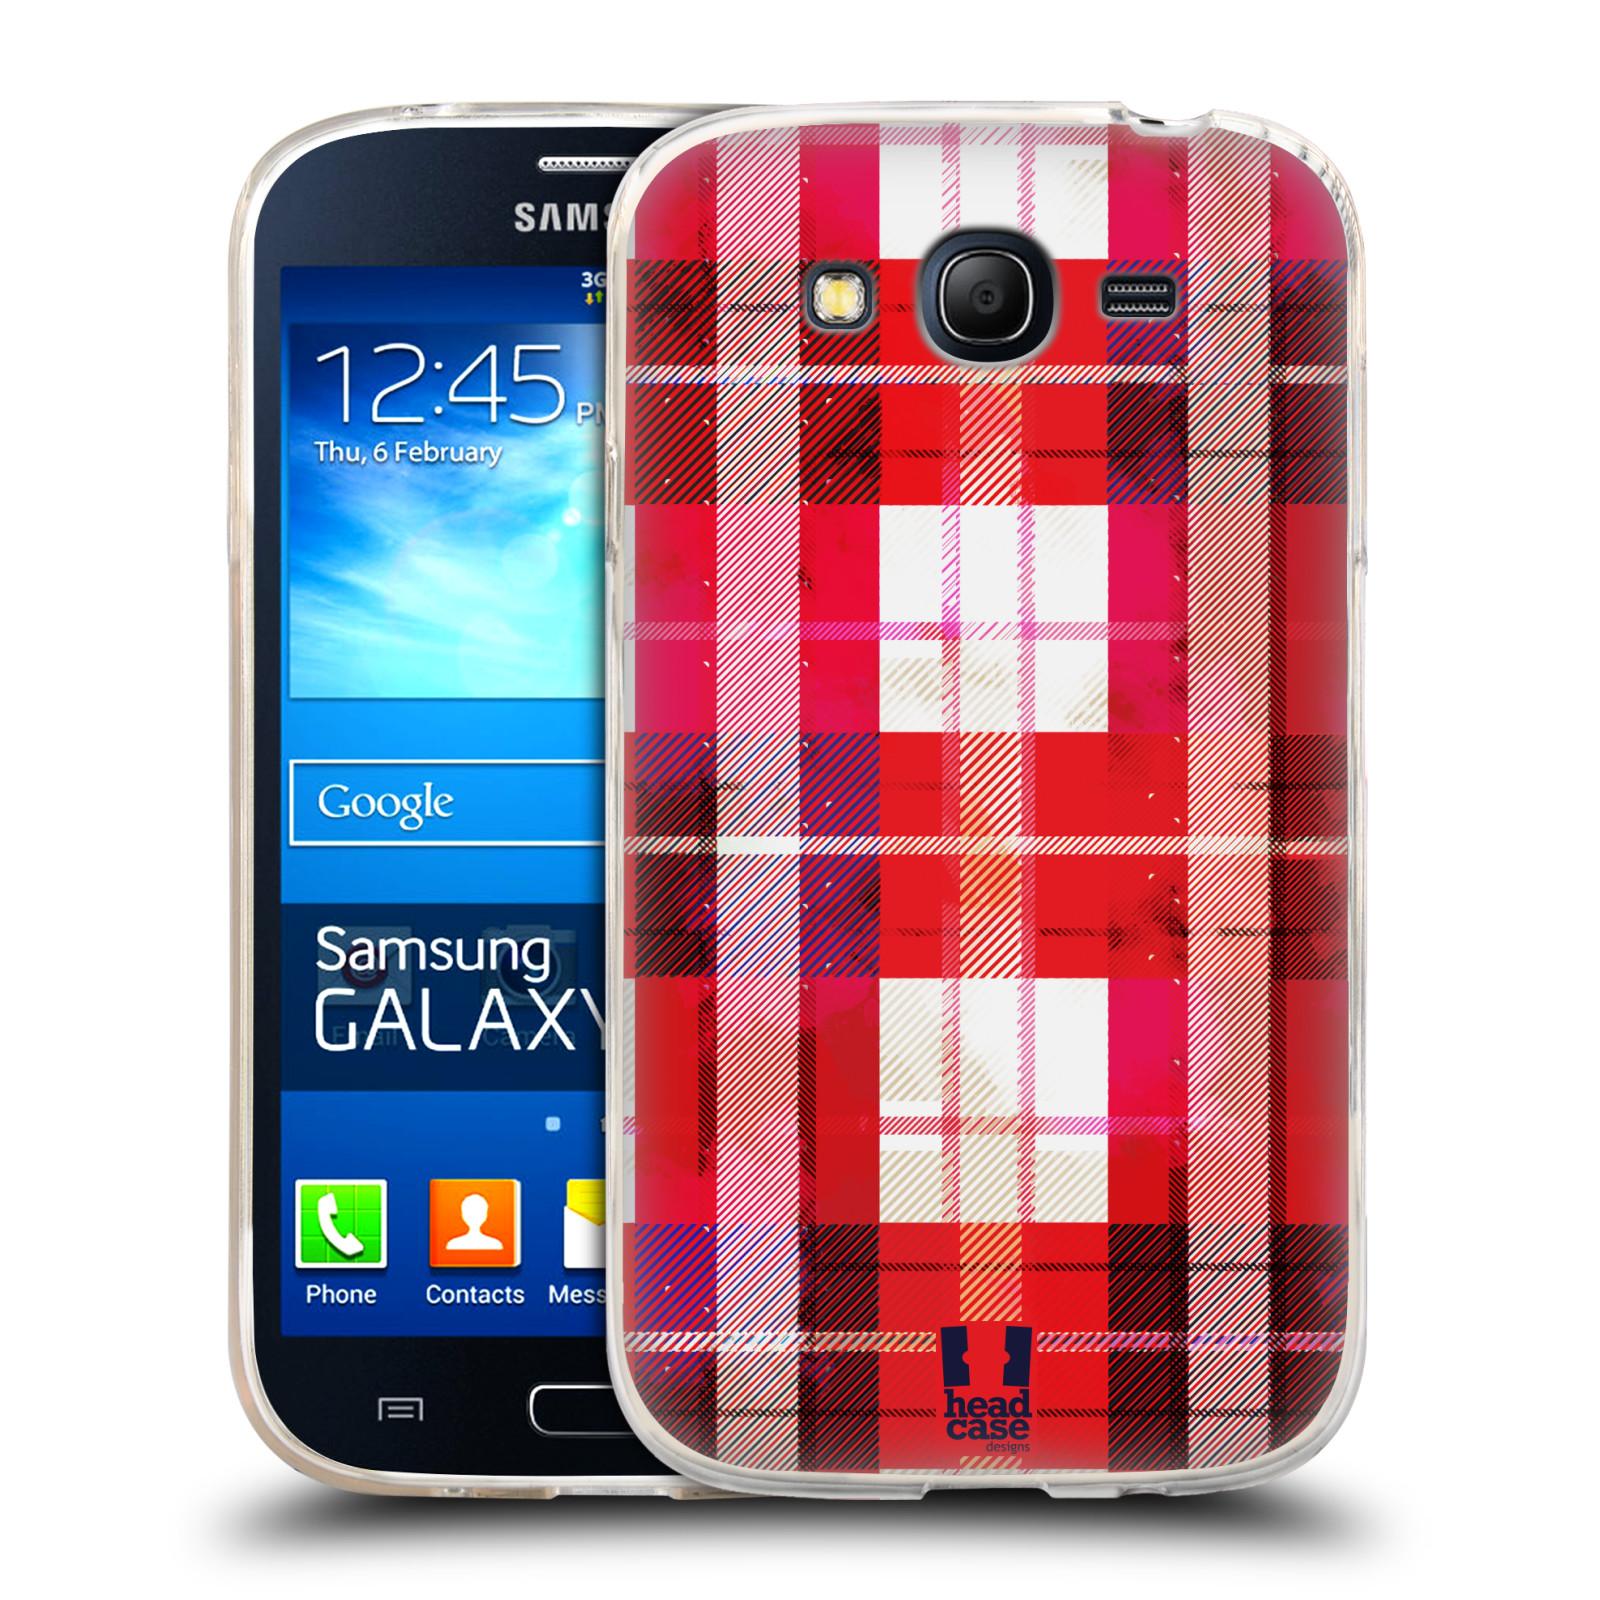 Silikonové pouzdro na mobil Samsung Galaxy Grand Neo HEAD CASE FLANEL RED (Silikonový kryt či obal na mobilní telefon Samsung Galaxy Grand Neo GT-I9060)